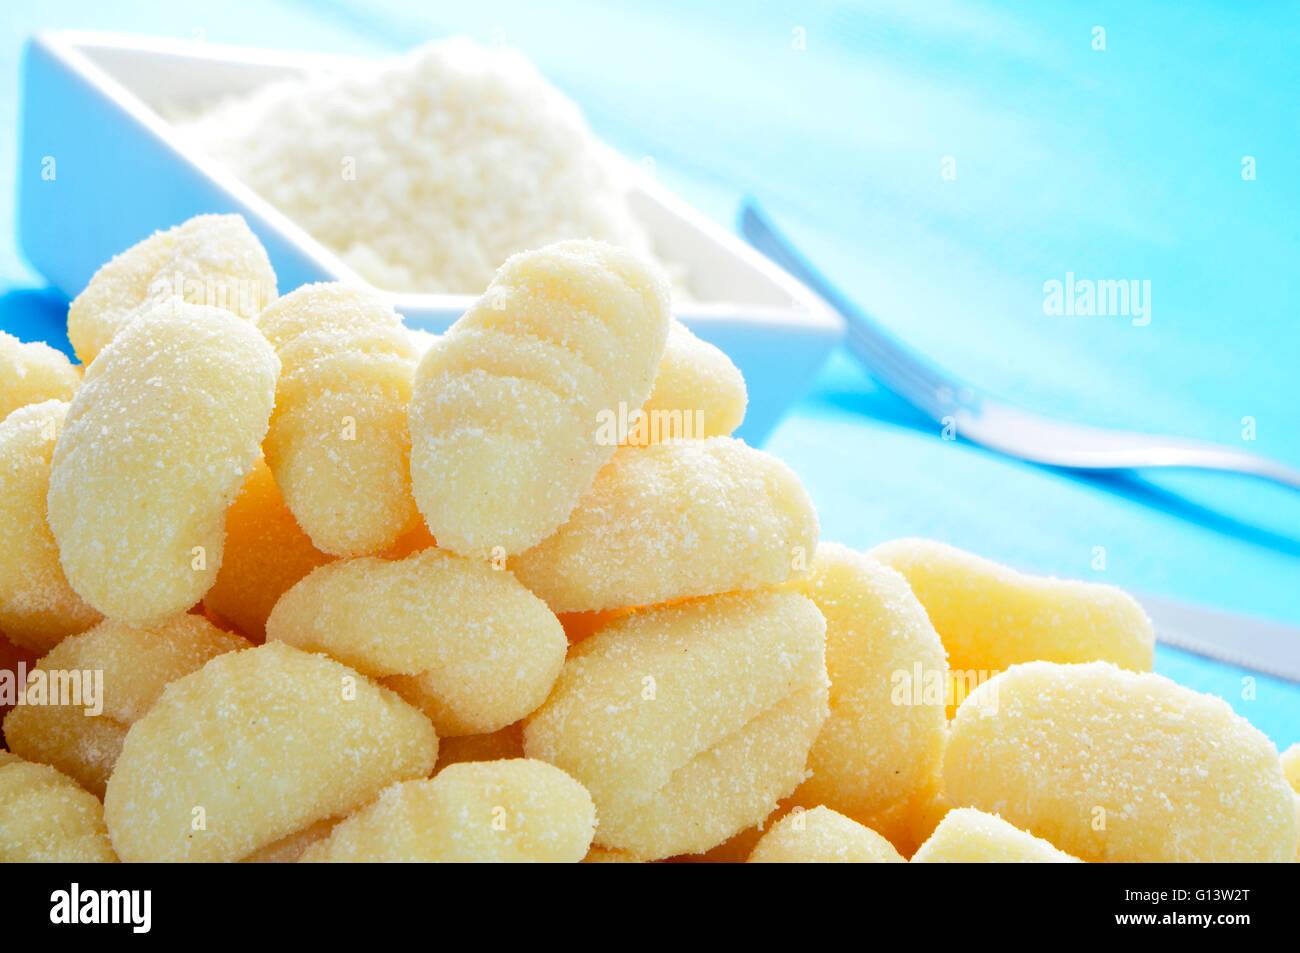 Libre d'un tas de gnocchi et un bol de fromage parmesan râpé sur une table Photo Stock